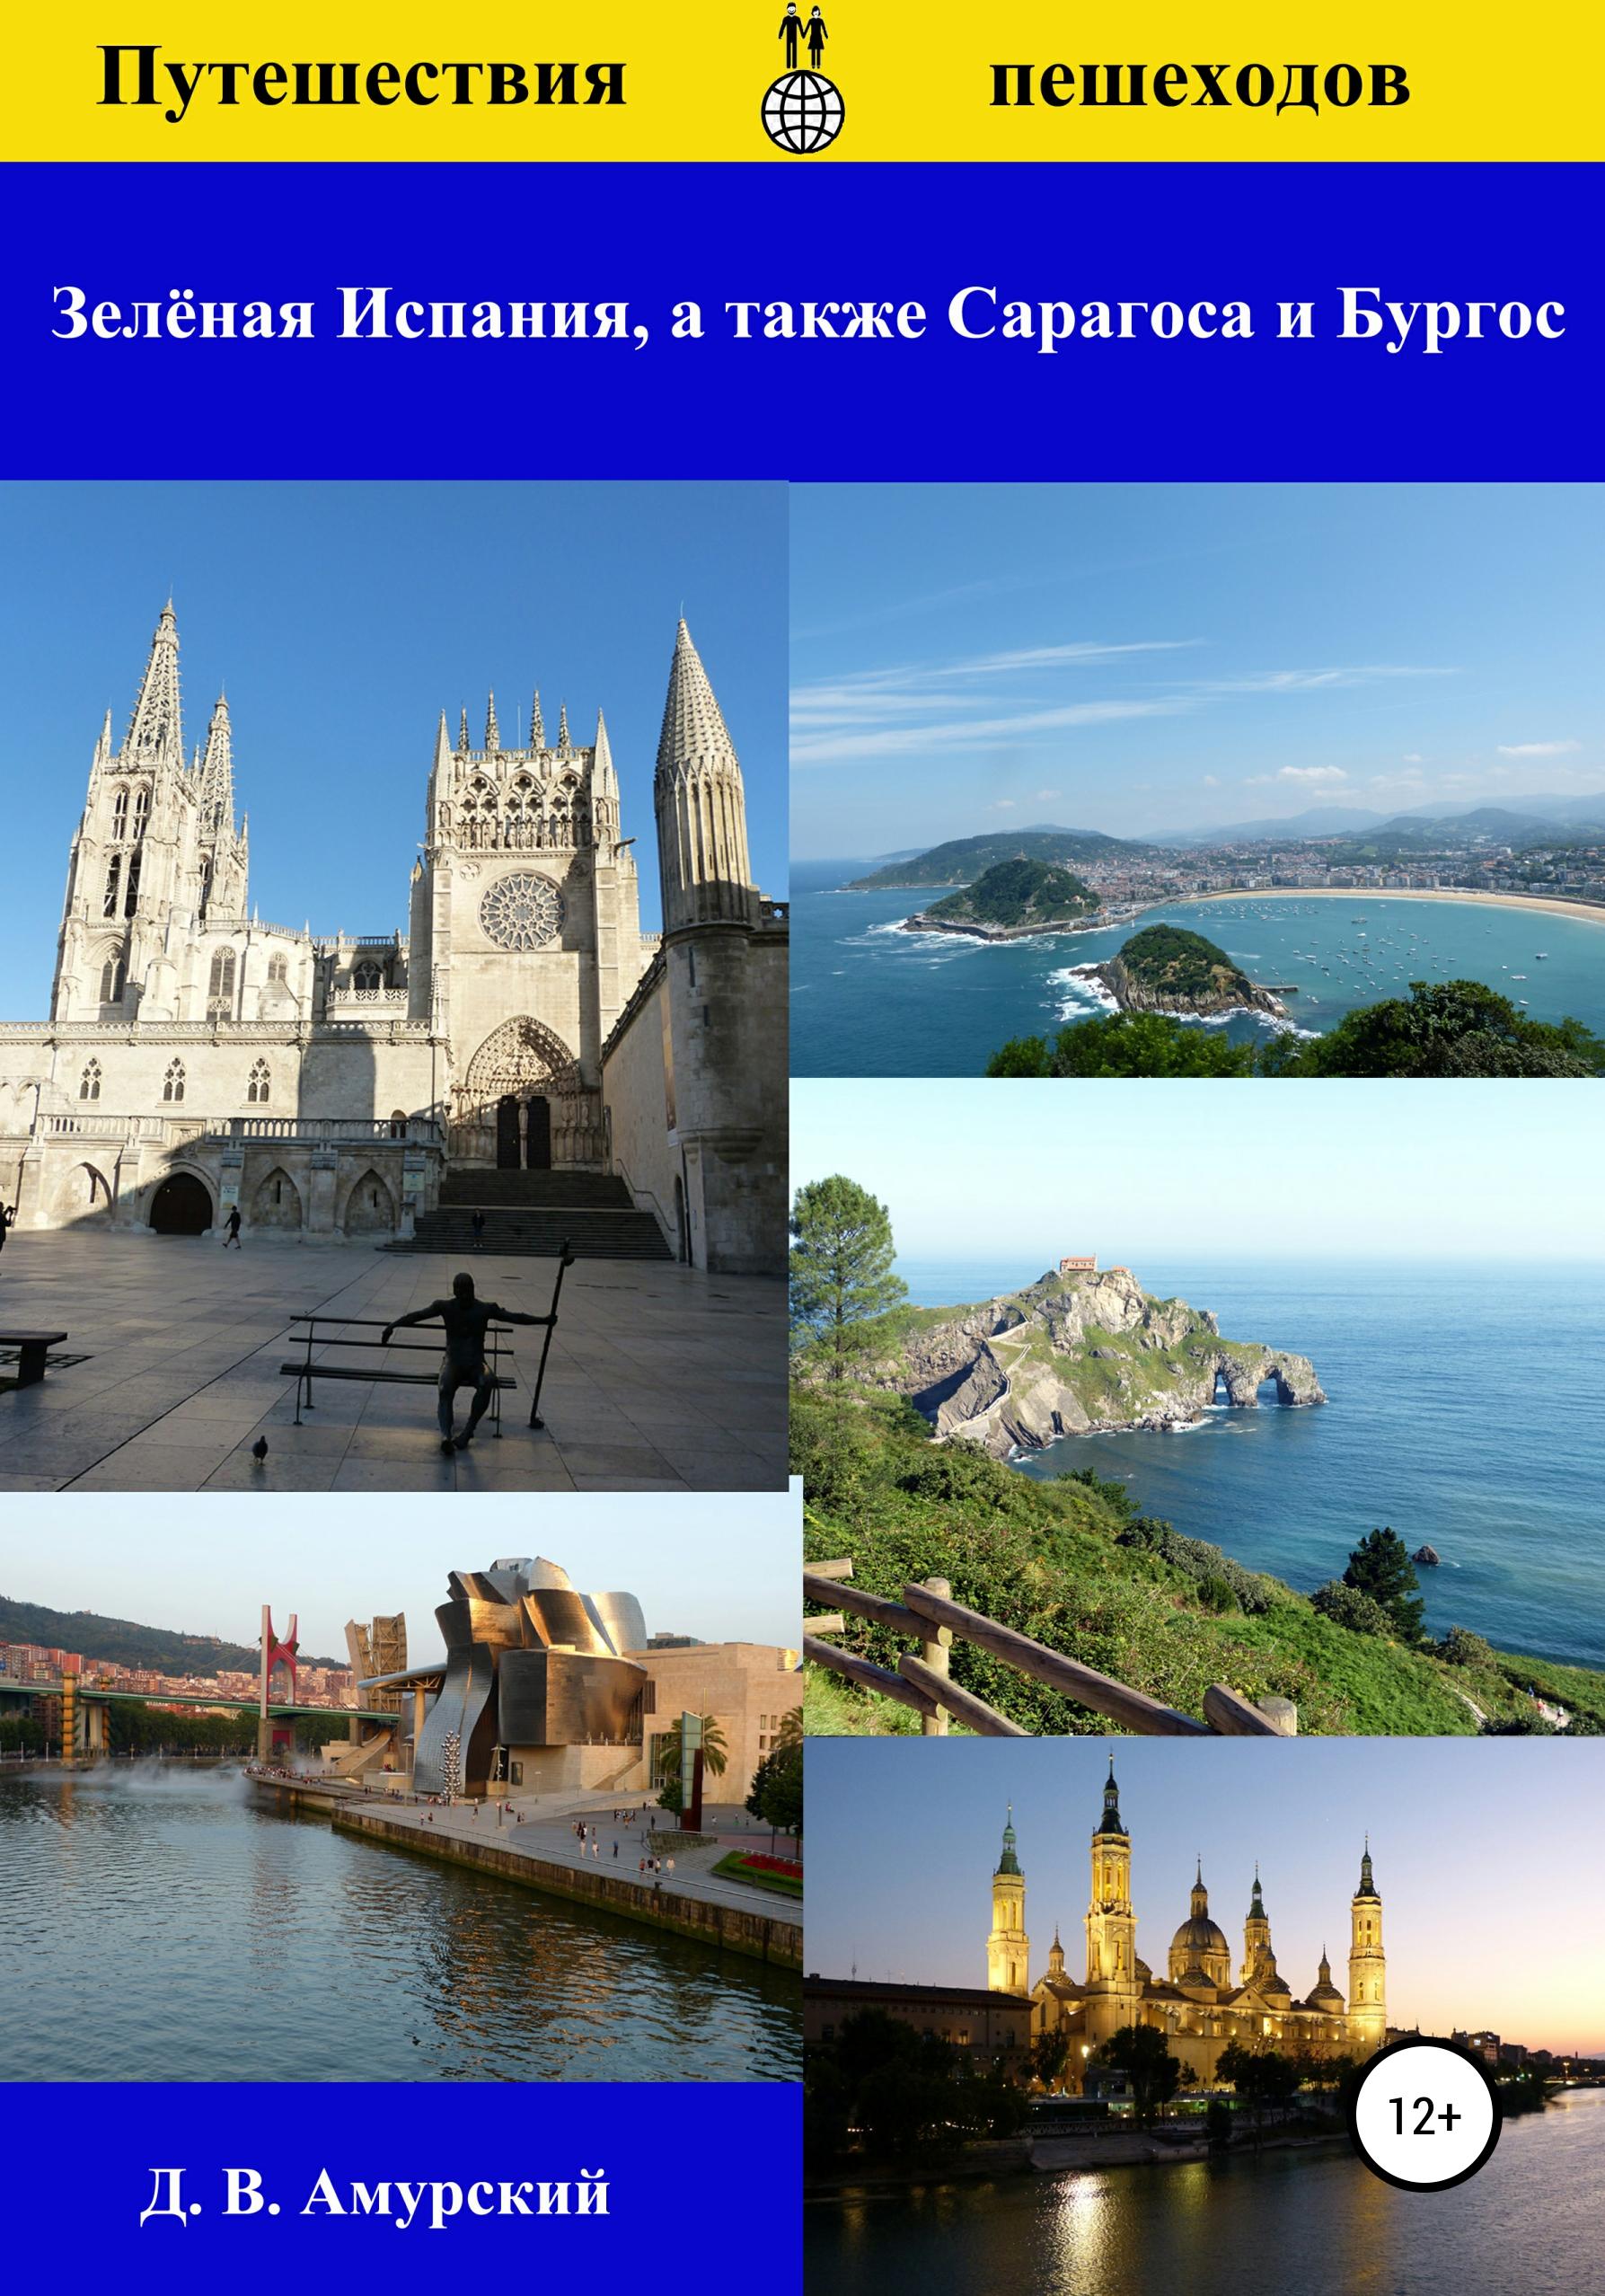 Путешествия пешеходов: Зелёная Испания, а также Сарагоса и Бургос